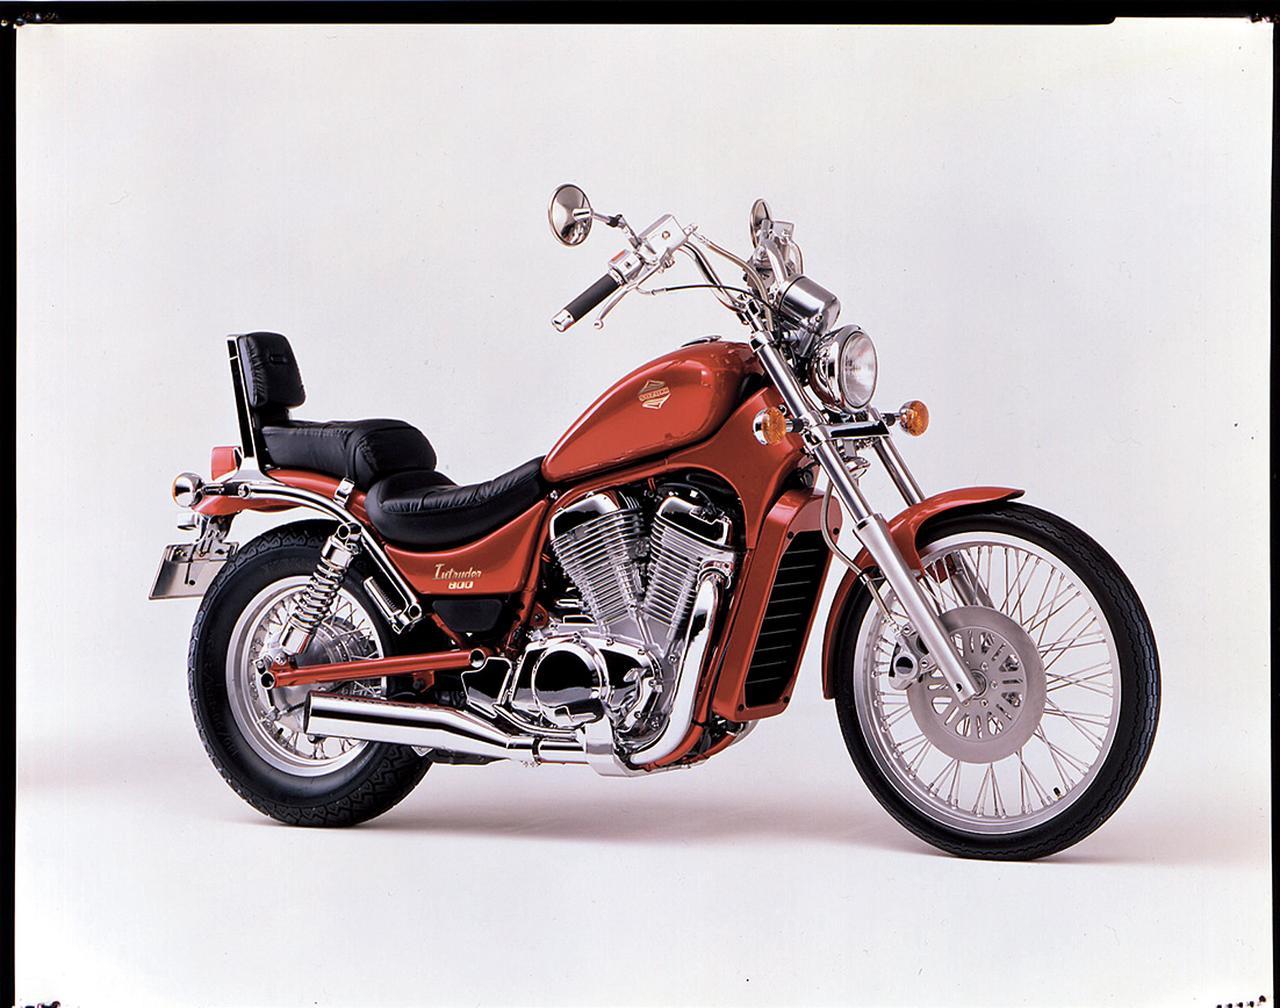 画像: 1993/5 SUZUKI VS800イントルーダー バフ仕上げのパーツを多用する、質感の高い車体に、VX800の水冷45度Vツインエンジンをリファインして搭載。トルクフルな走りが堪能できる。